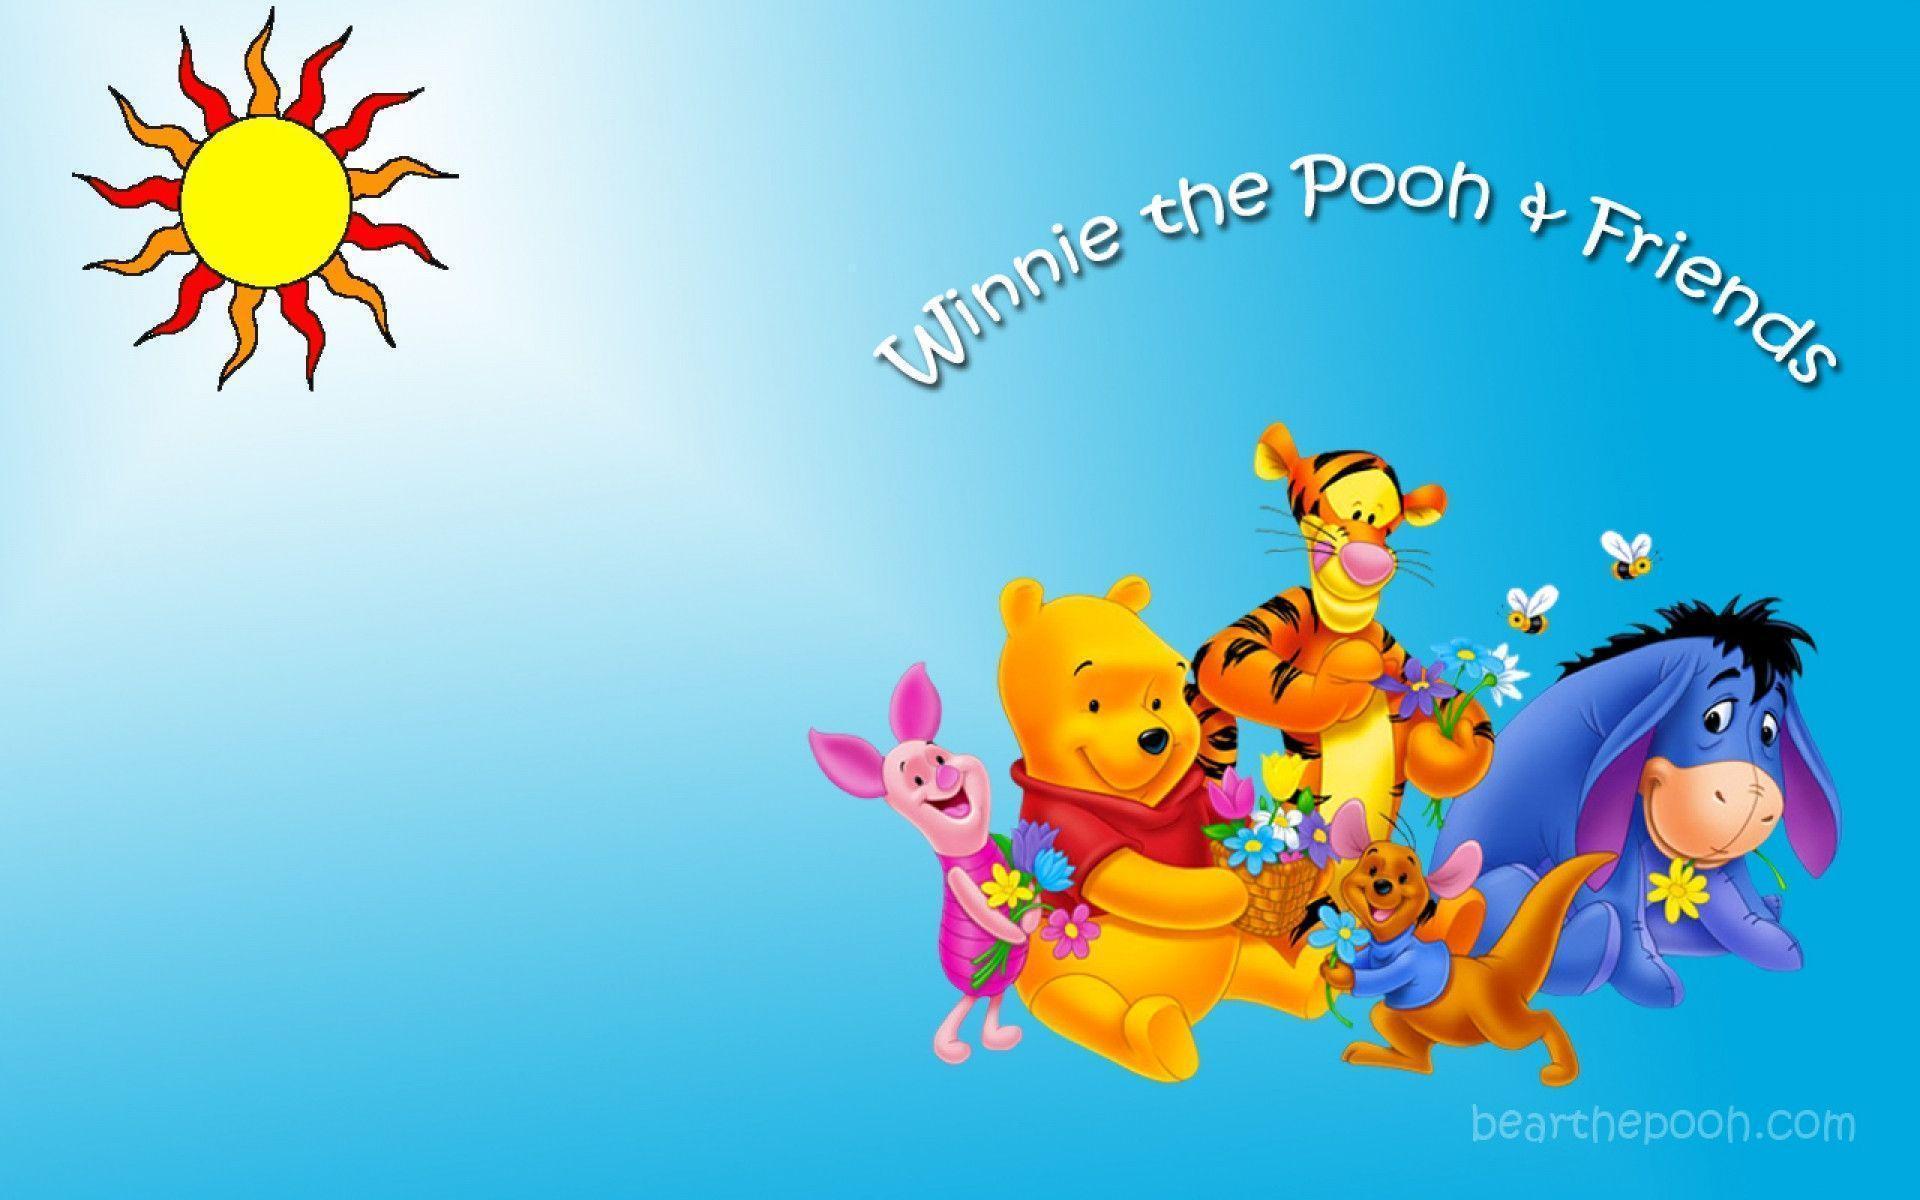 太陽 : 【ディズニー】くまのプーさん(Winnie-the-Pooh) PCデスクトップ壁紙 画像【高画質 ...